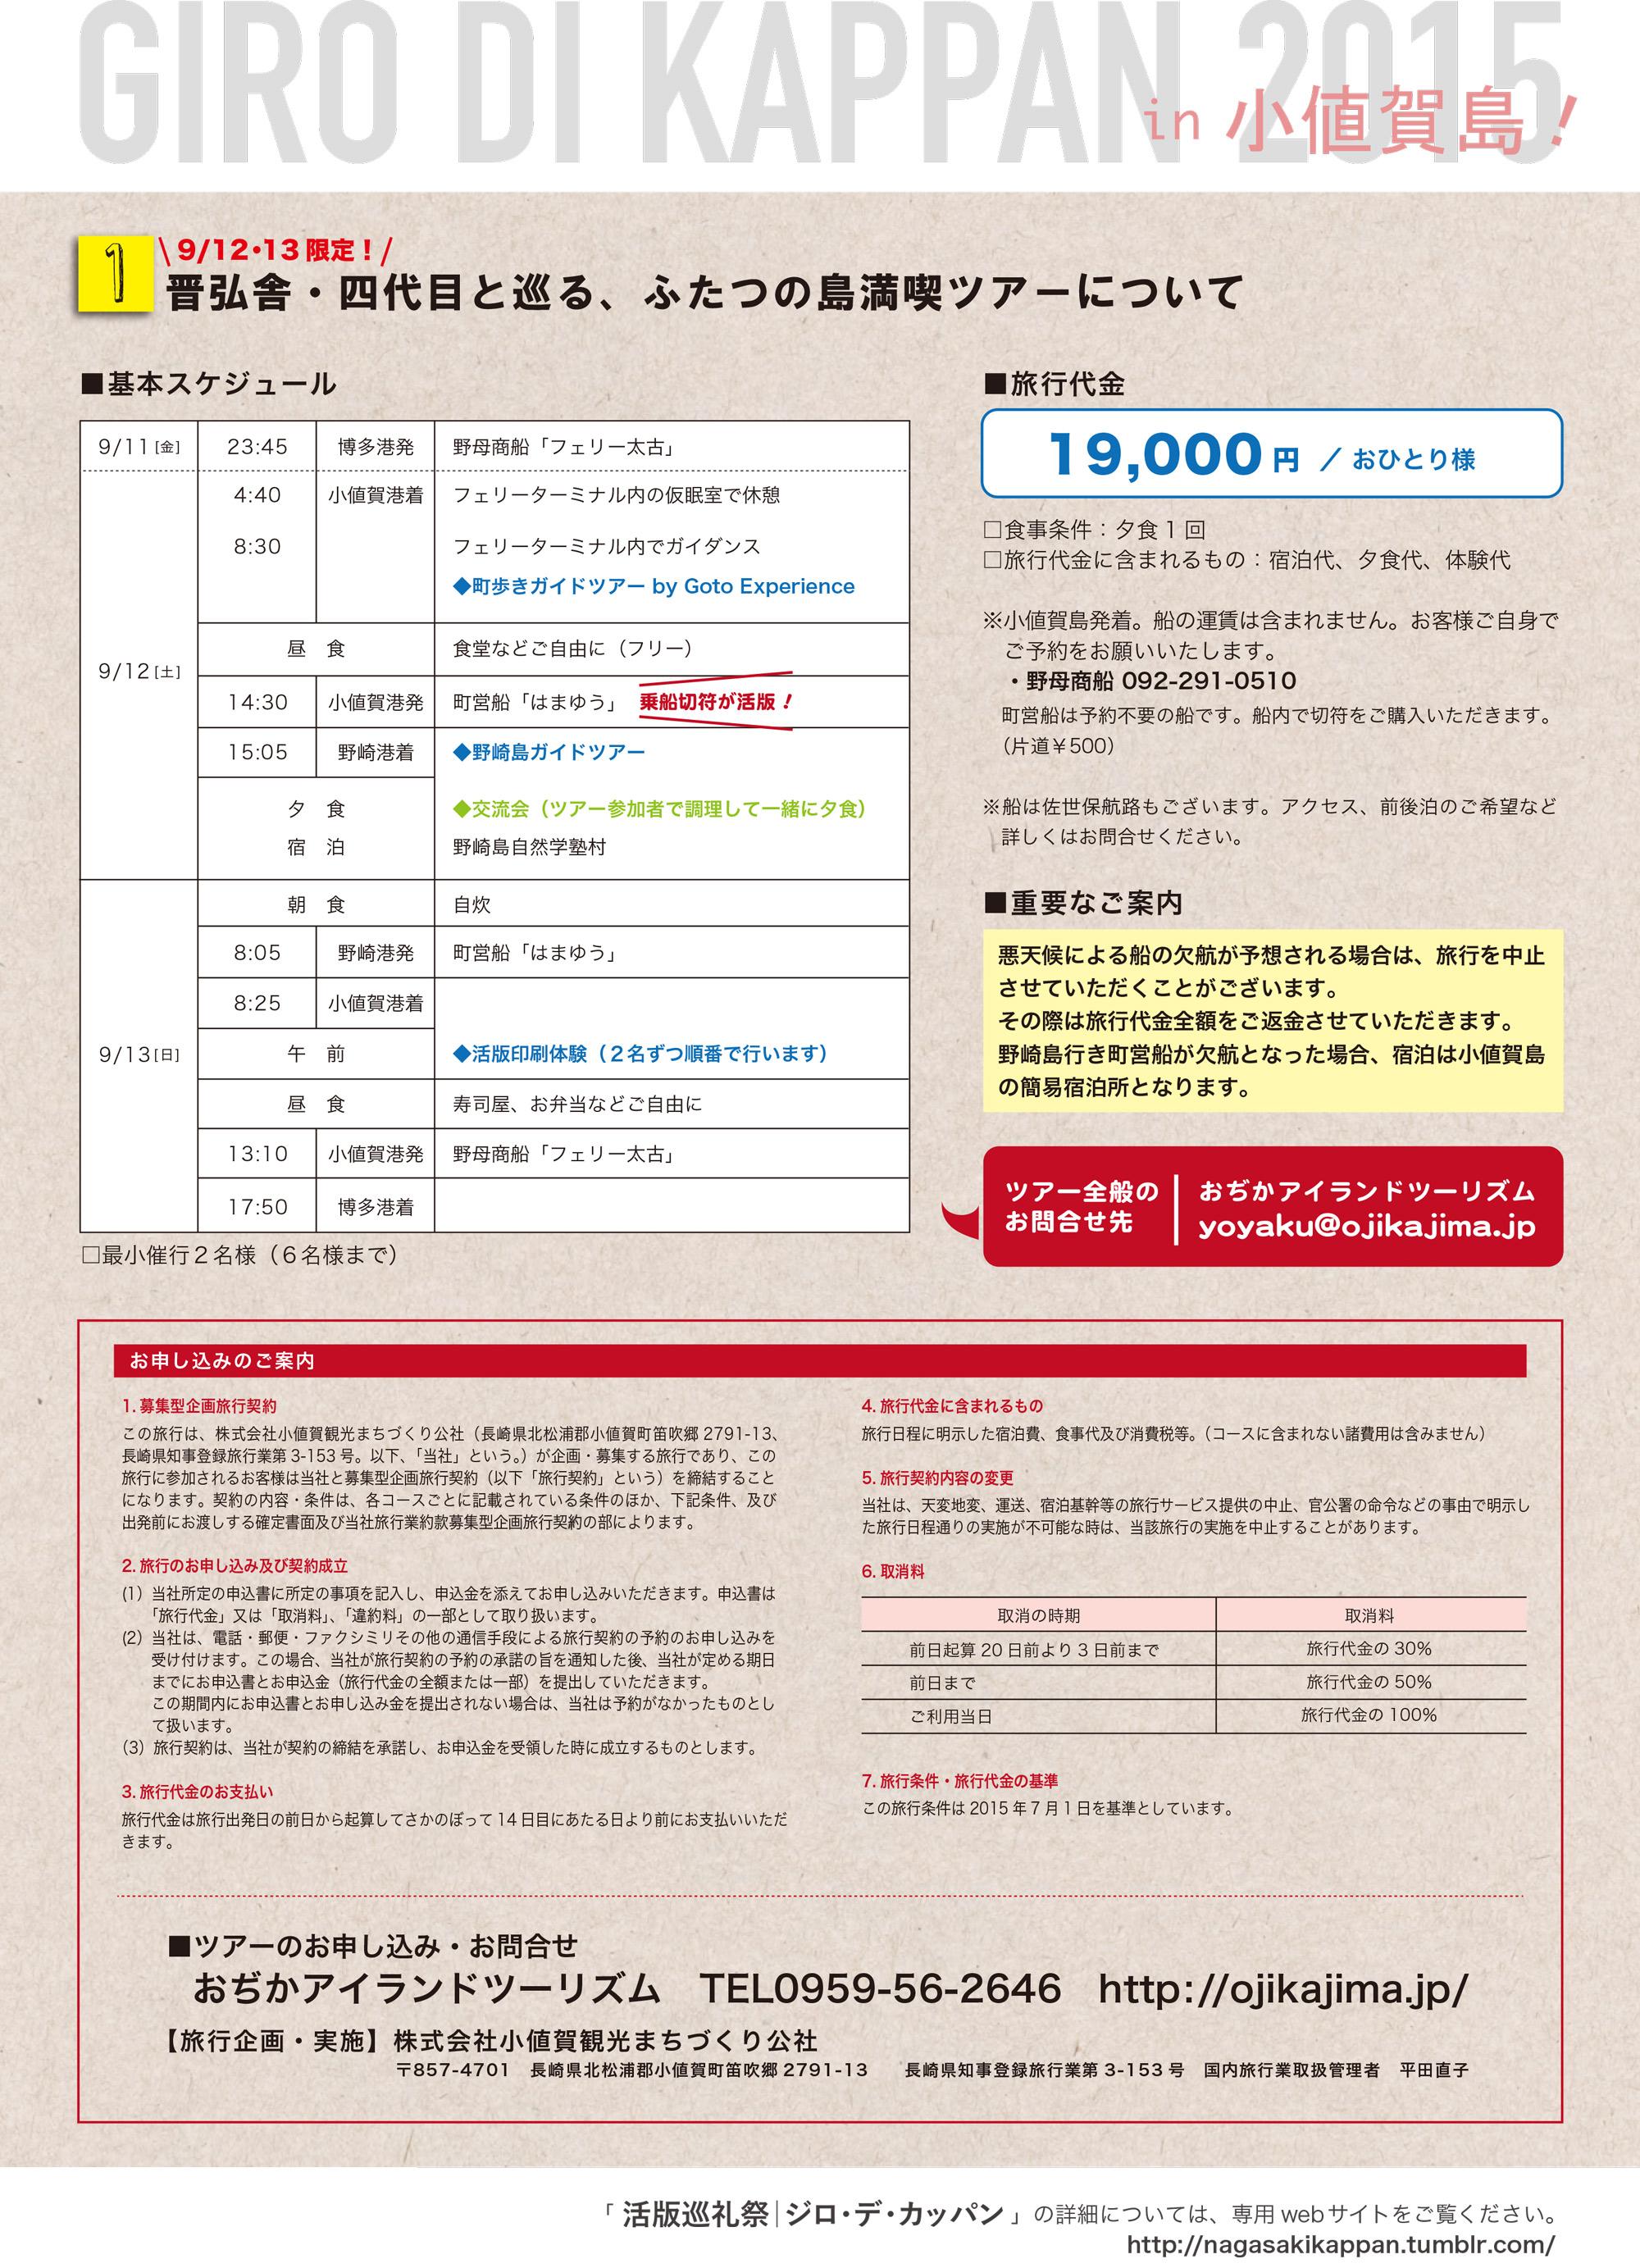 詳細ジロ・デ・カッパンin小値賀島チラシ-2